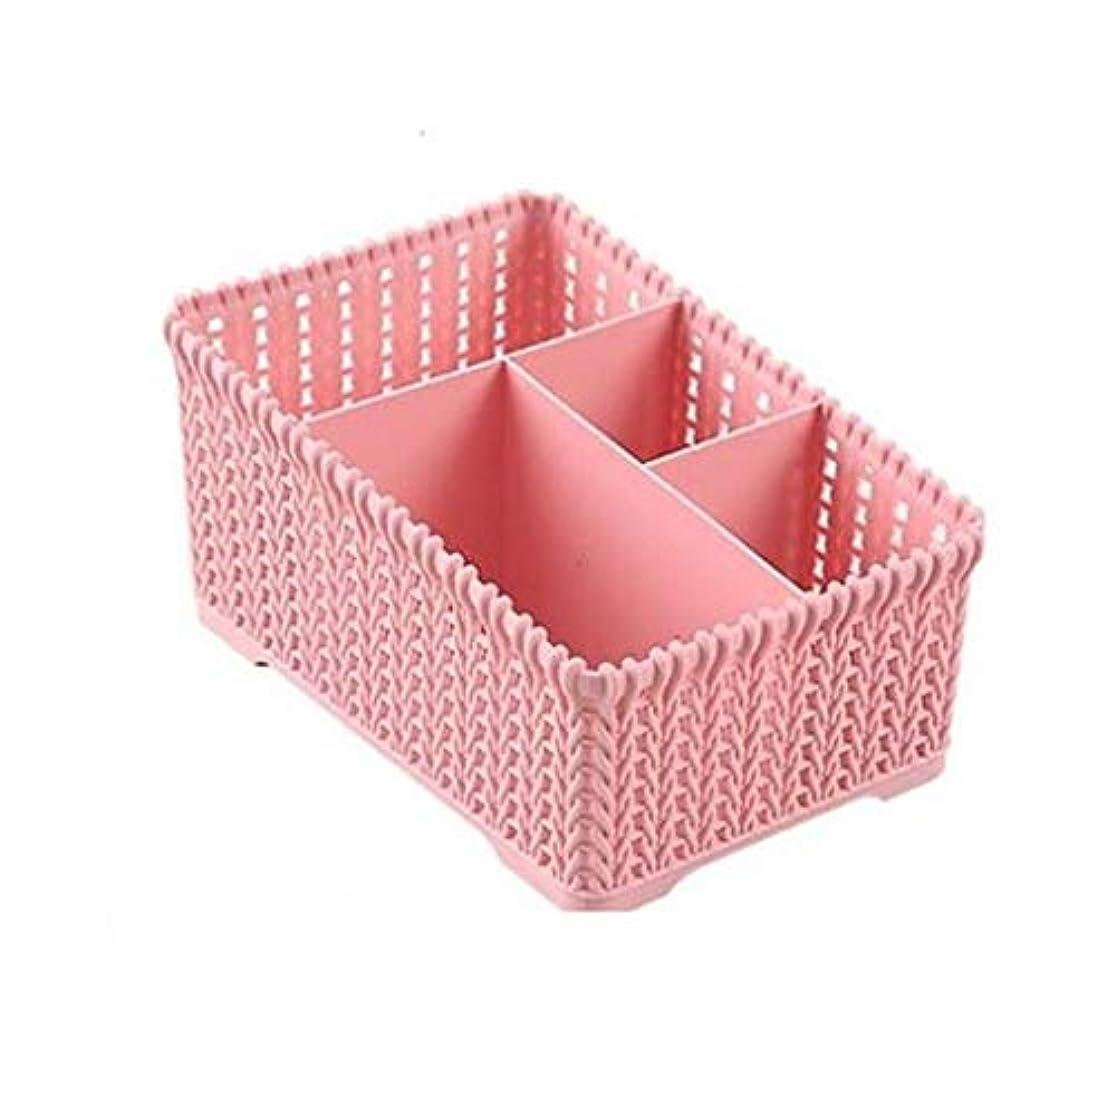 ポンド真似るメルボルンプラスチックデスクトップ収納ボックスコンパートメント籐オフィスデブリ収納化粧品ラック (Color : Pink)